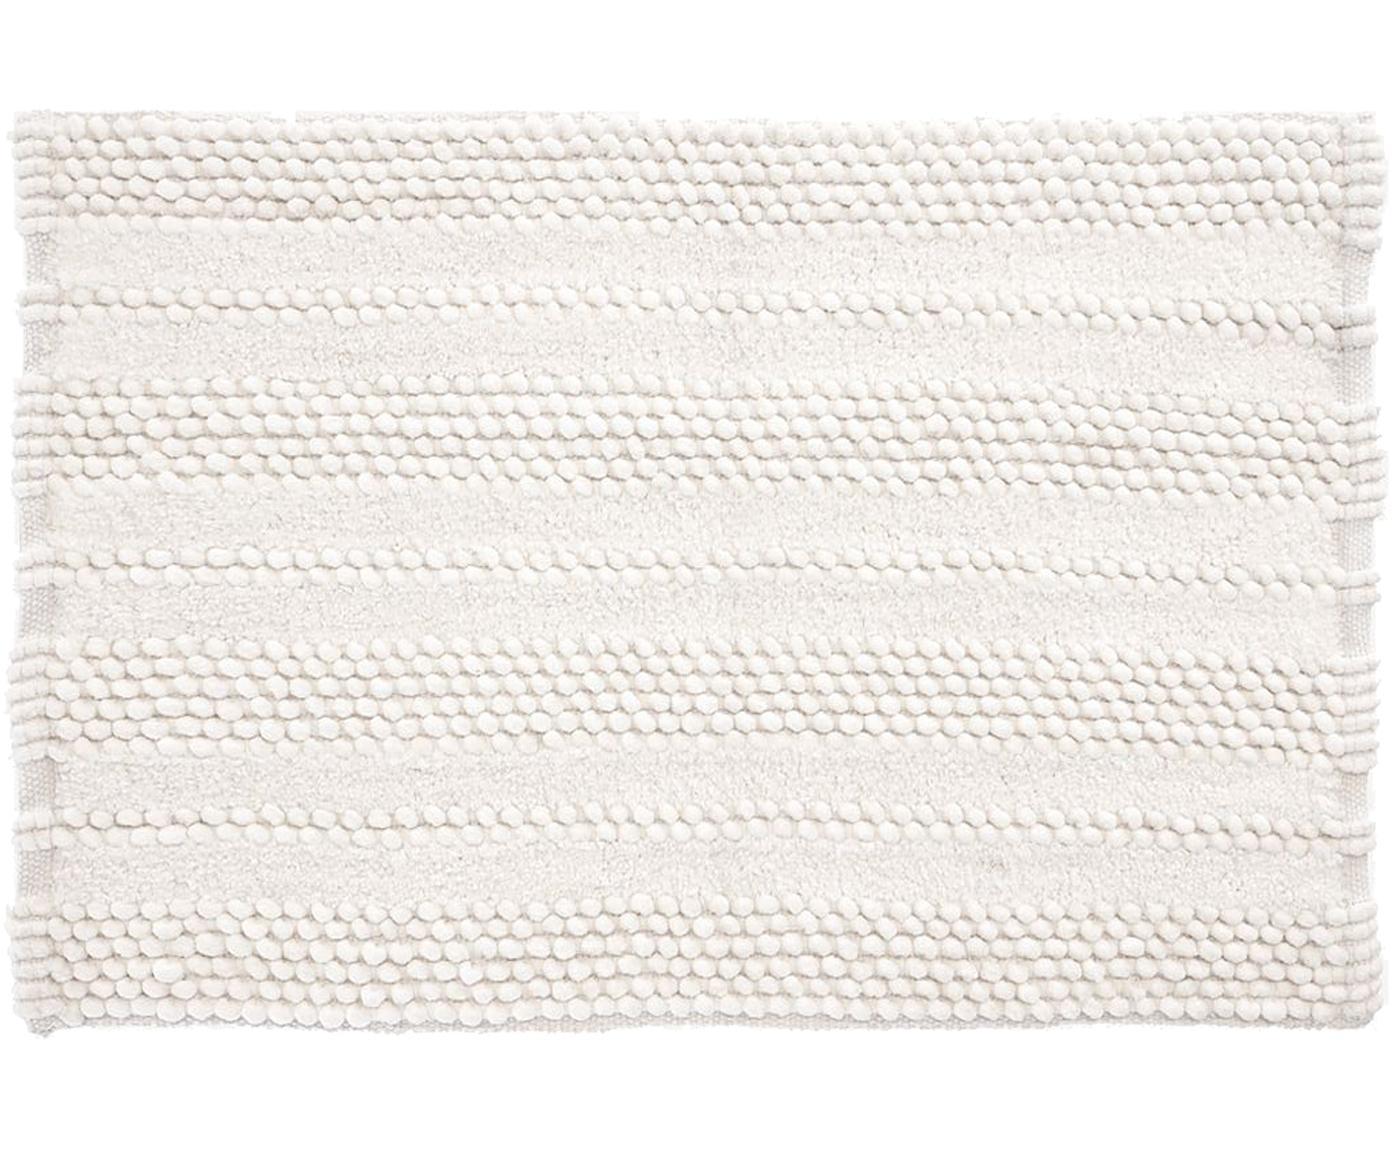 Dywanik łazienkowy z  wysokim stosem Nea, 65% kordonek, 35% bawełna, Biały, S 80 x D 120 cm